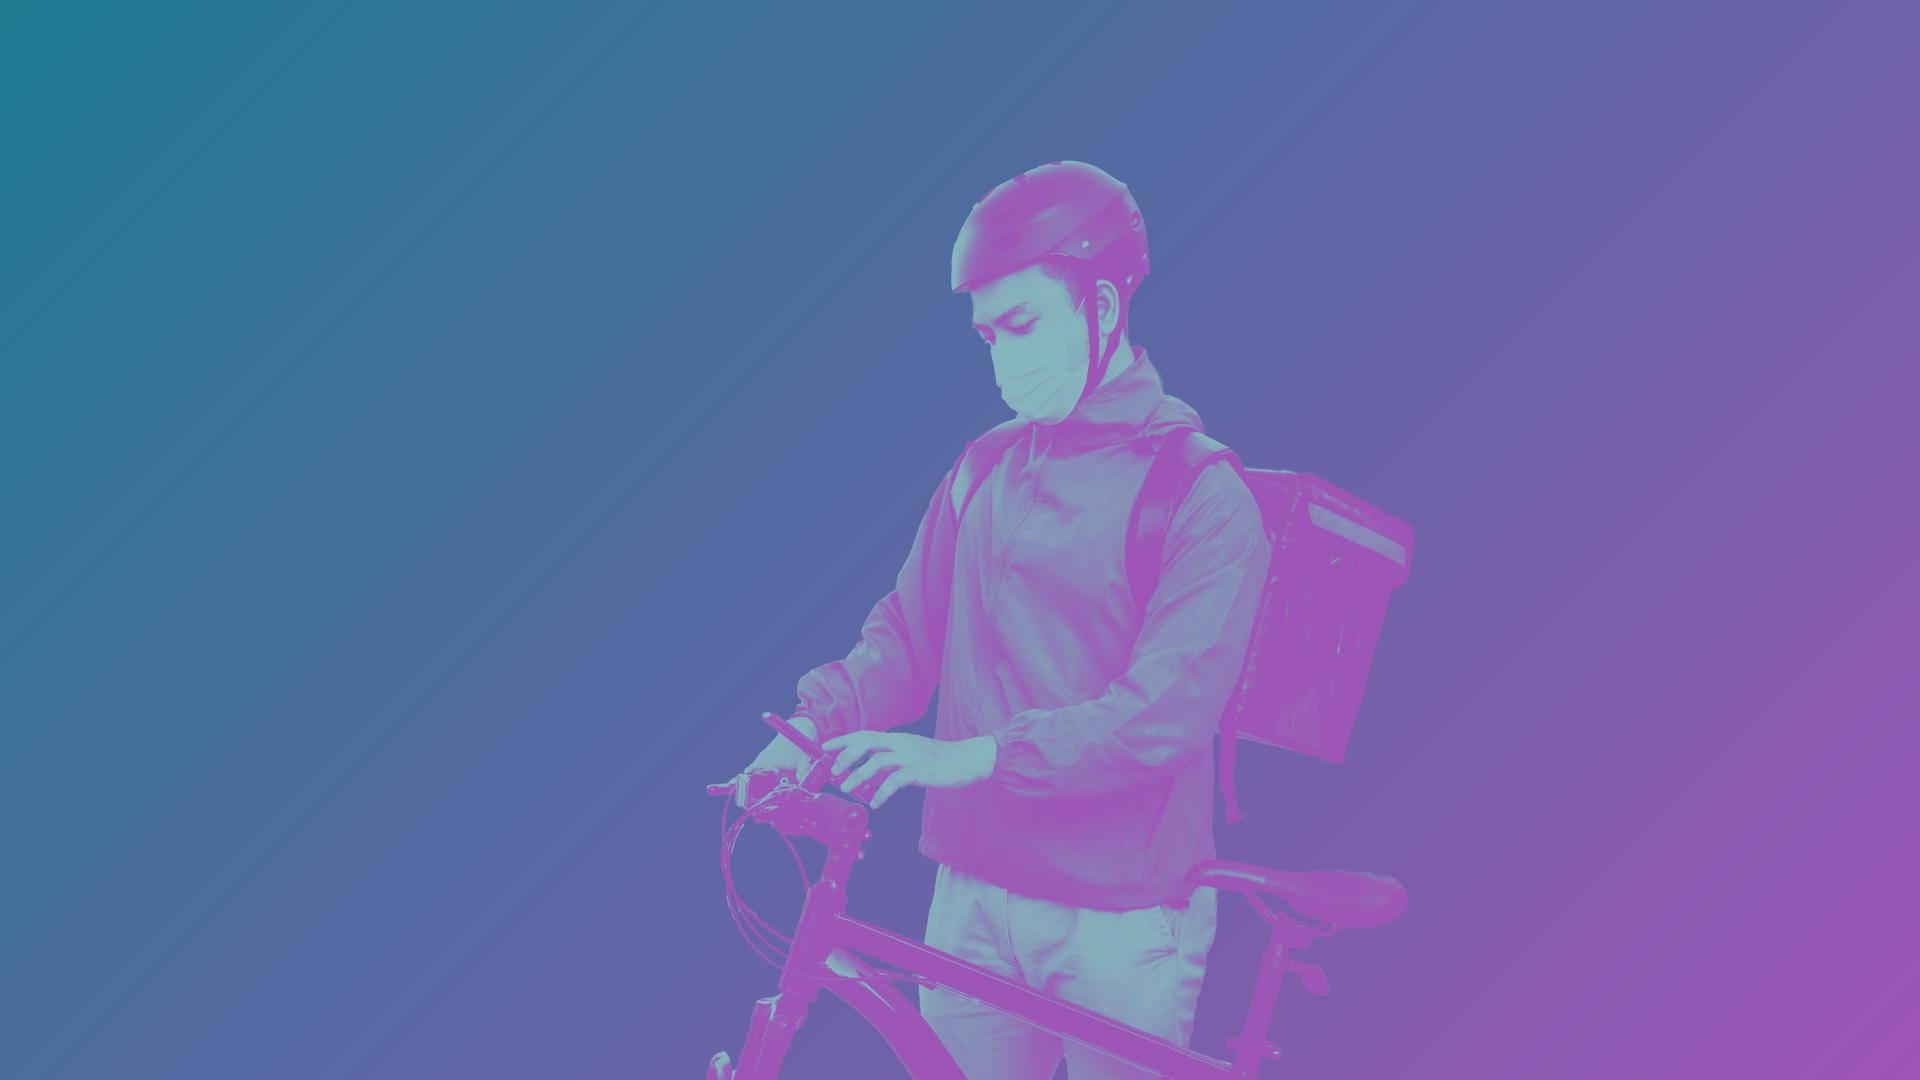 Gig worker on bike with bag